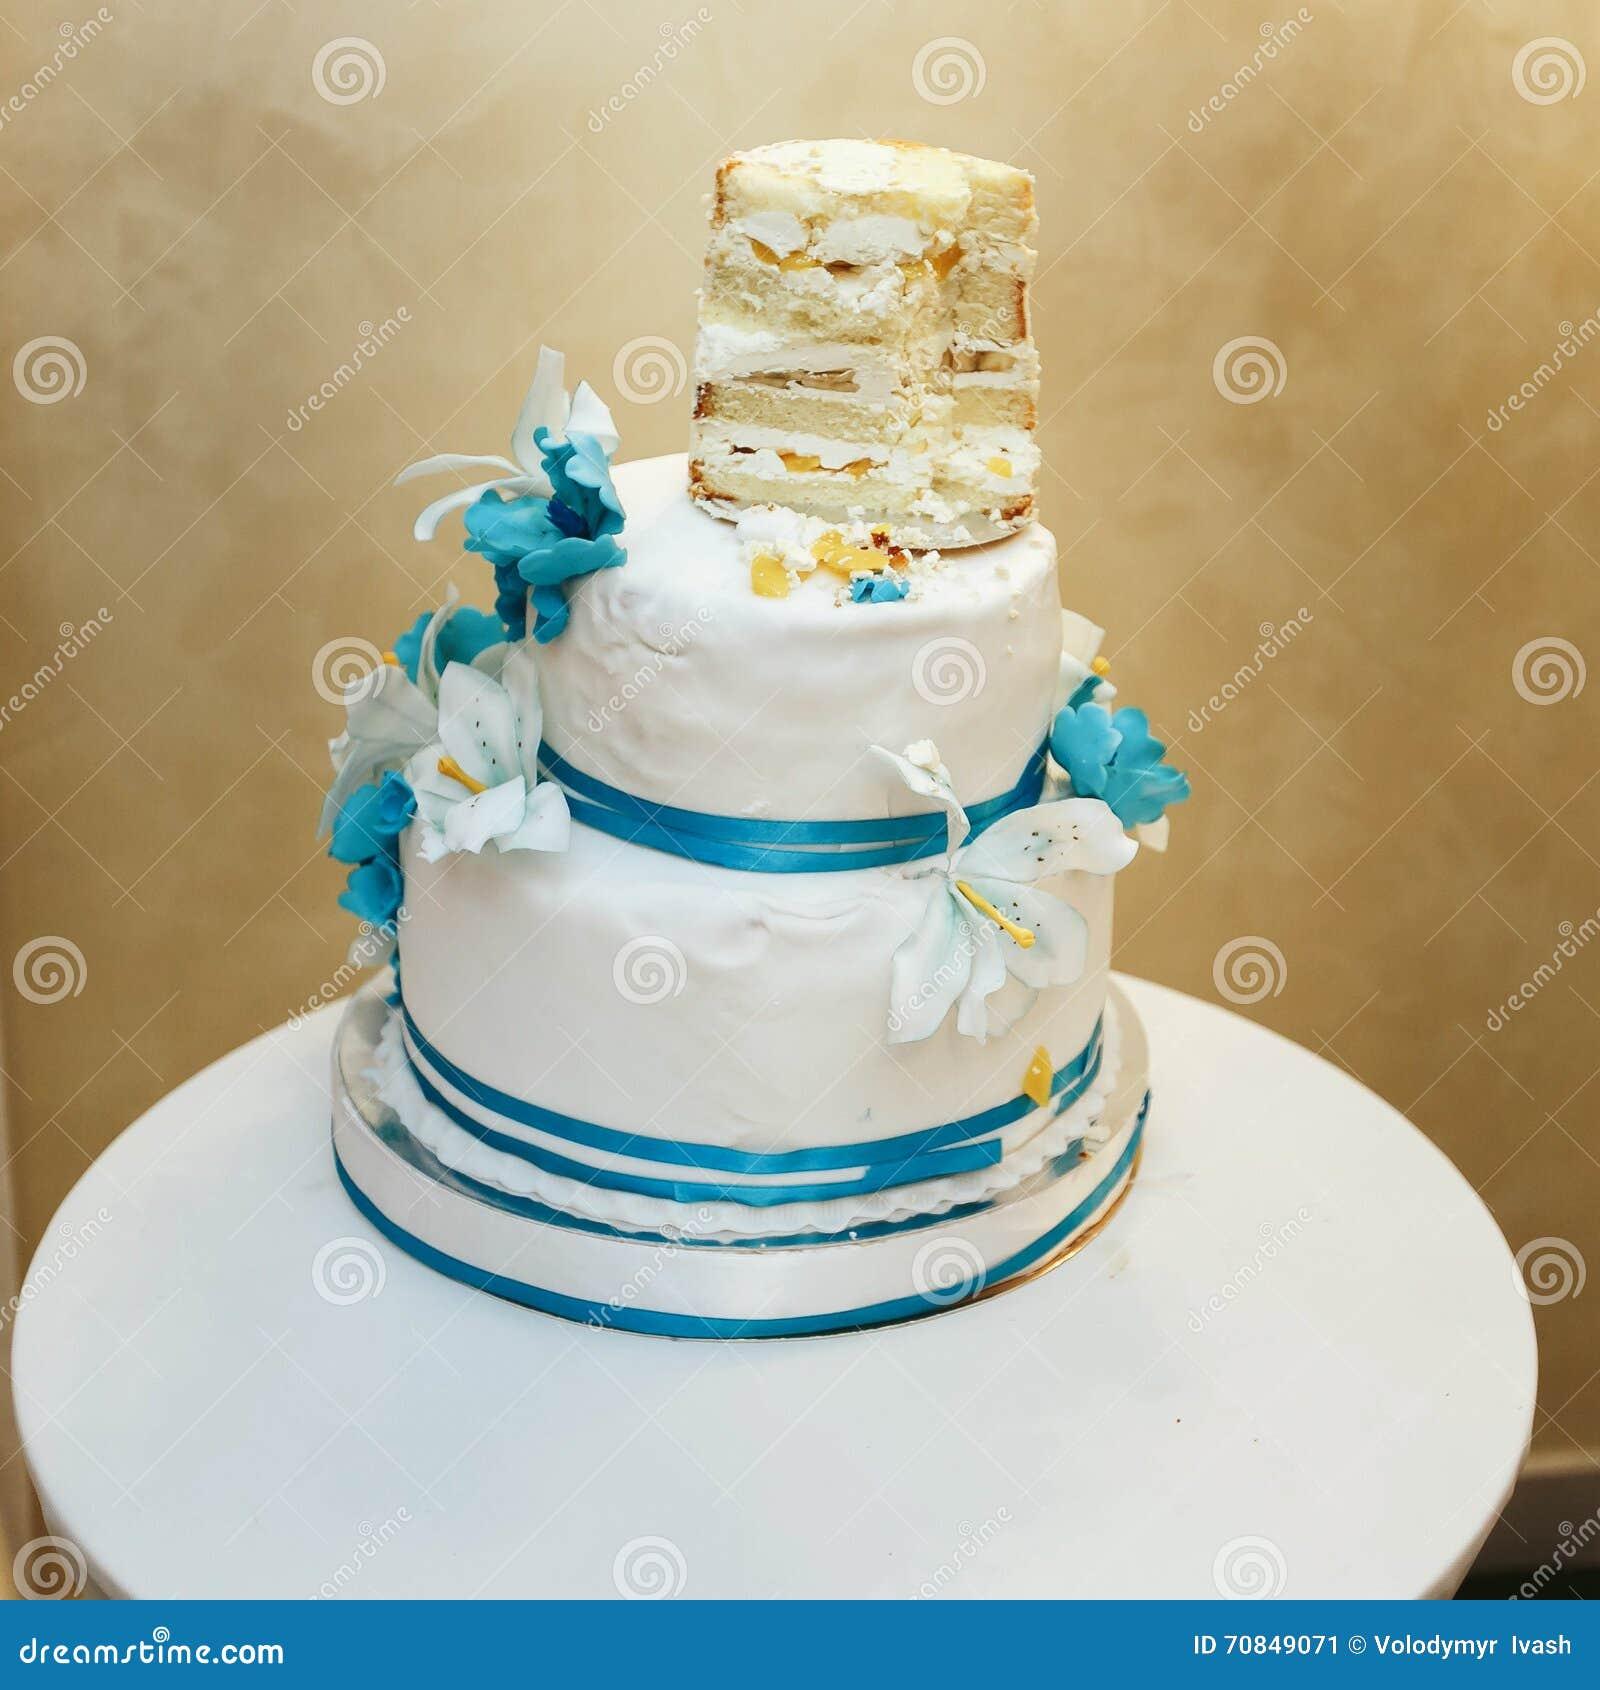 Halb Aufgegessene Weiss Blaue Hochzeitstorte Stockbild Bild Von